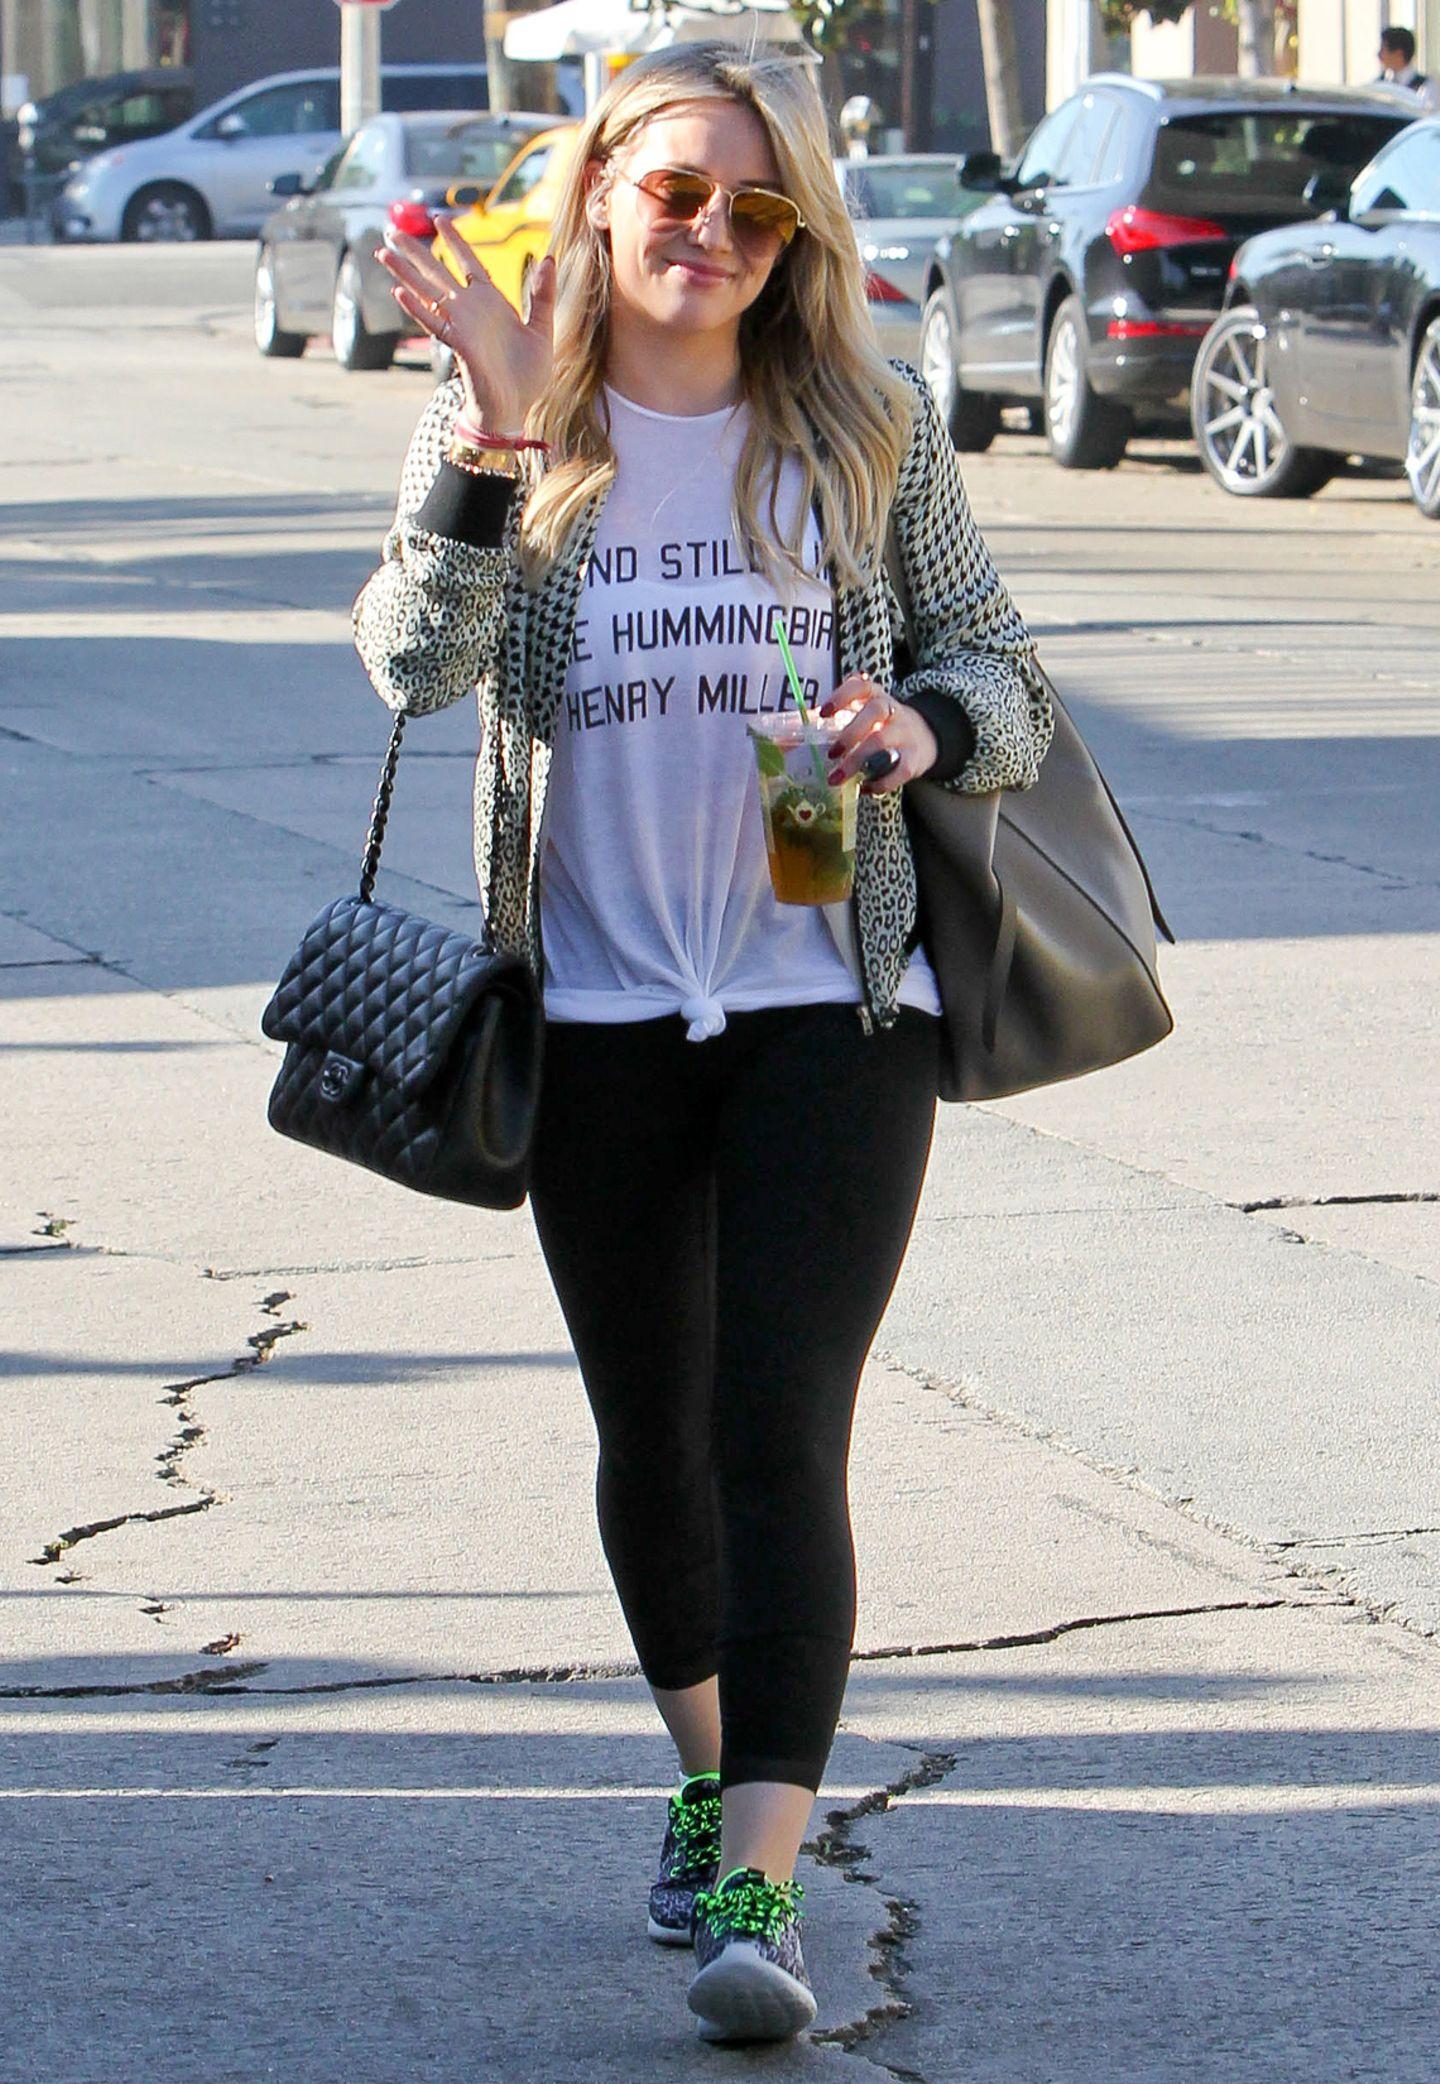 """Die klassische """"2.55"""" mit einem Einstiegspreis von knapp 2000 Euro wurde einst von Modeikone Coco Chanel erfunden und wird aus feinstem Leder handgefertigt. Hollywood-Schauspielerin Hilary Duff wirft sie heutzutage lässig zum Kaffeeholen über."""